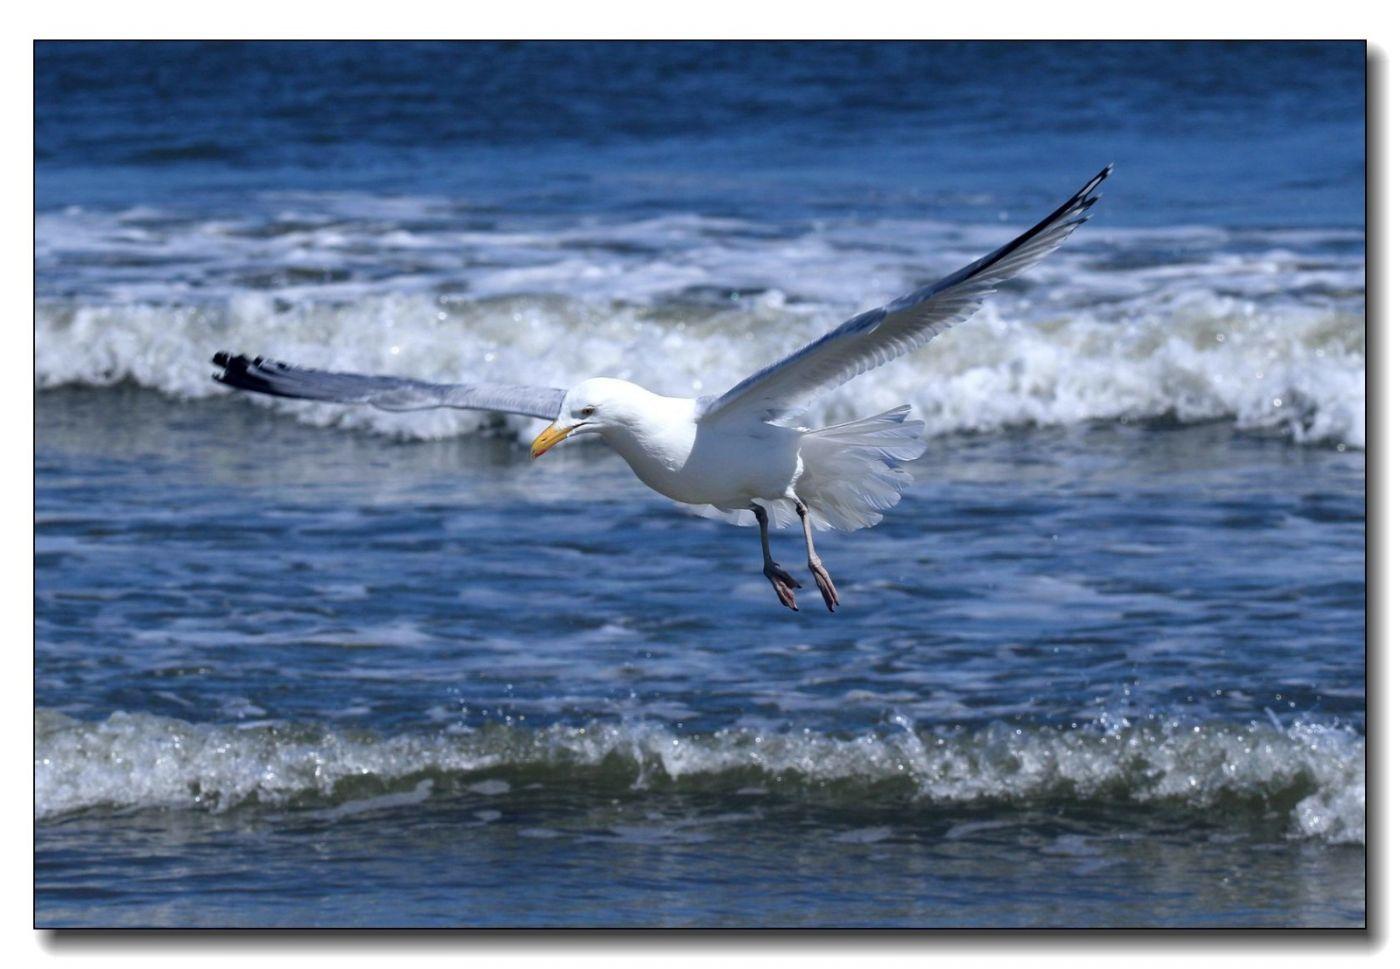 洛克威海滩拍鸟-银鸥_图1-13